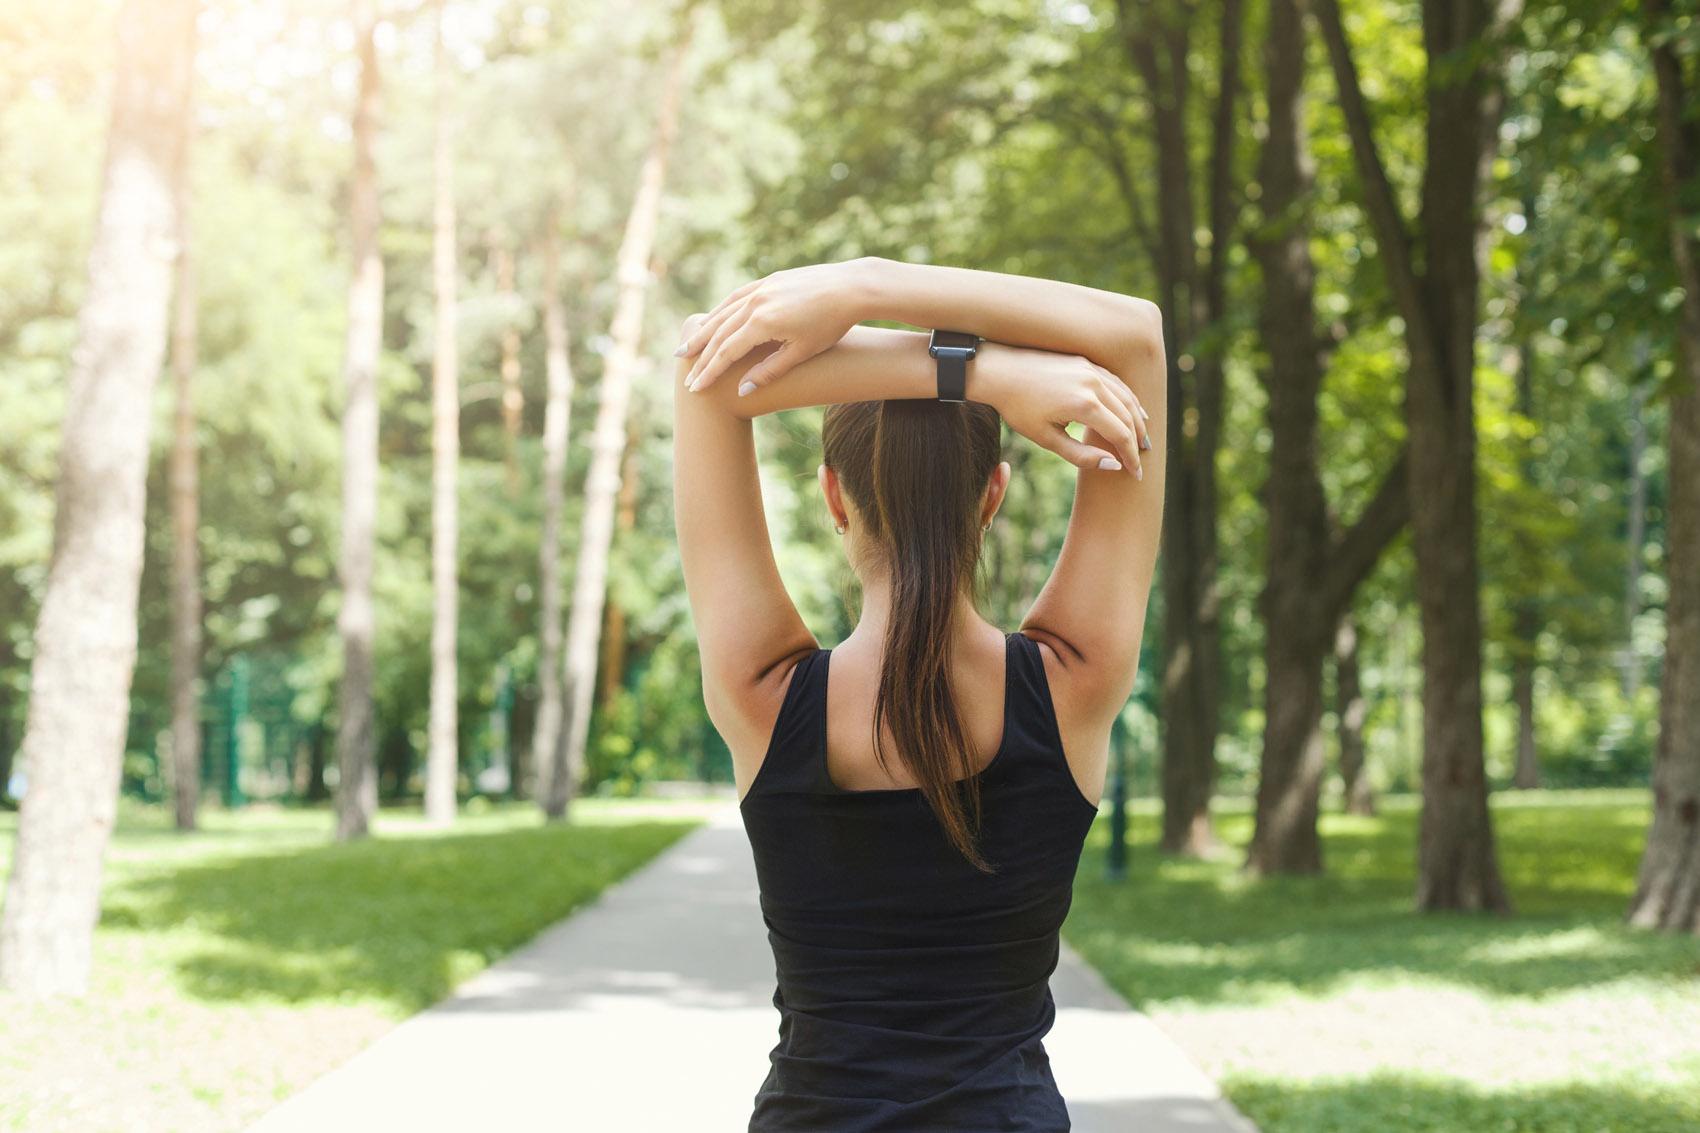 Αθλητισμός Περπάτημα: Τι να λάβετε υπόψιν σας πριν ξεκινήσετε το περπάτημα [vid]